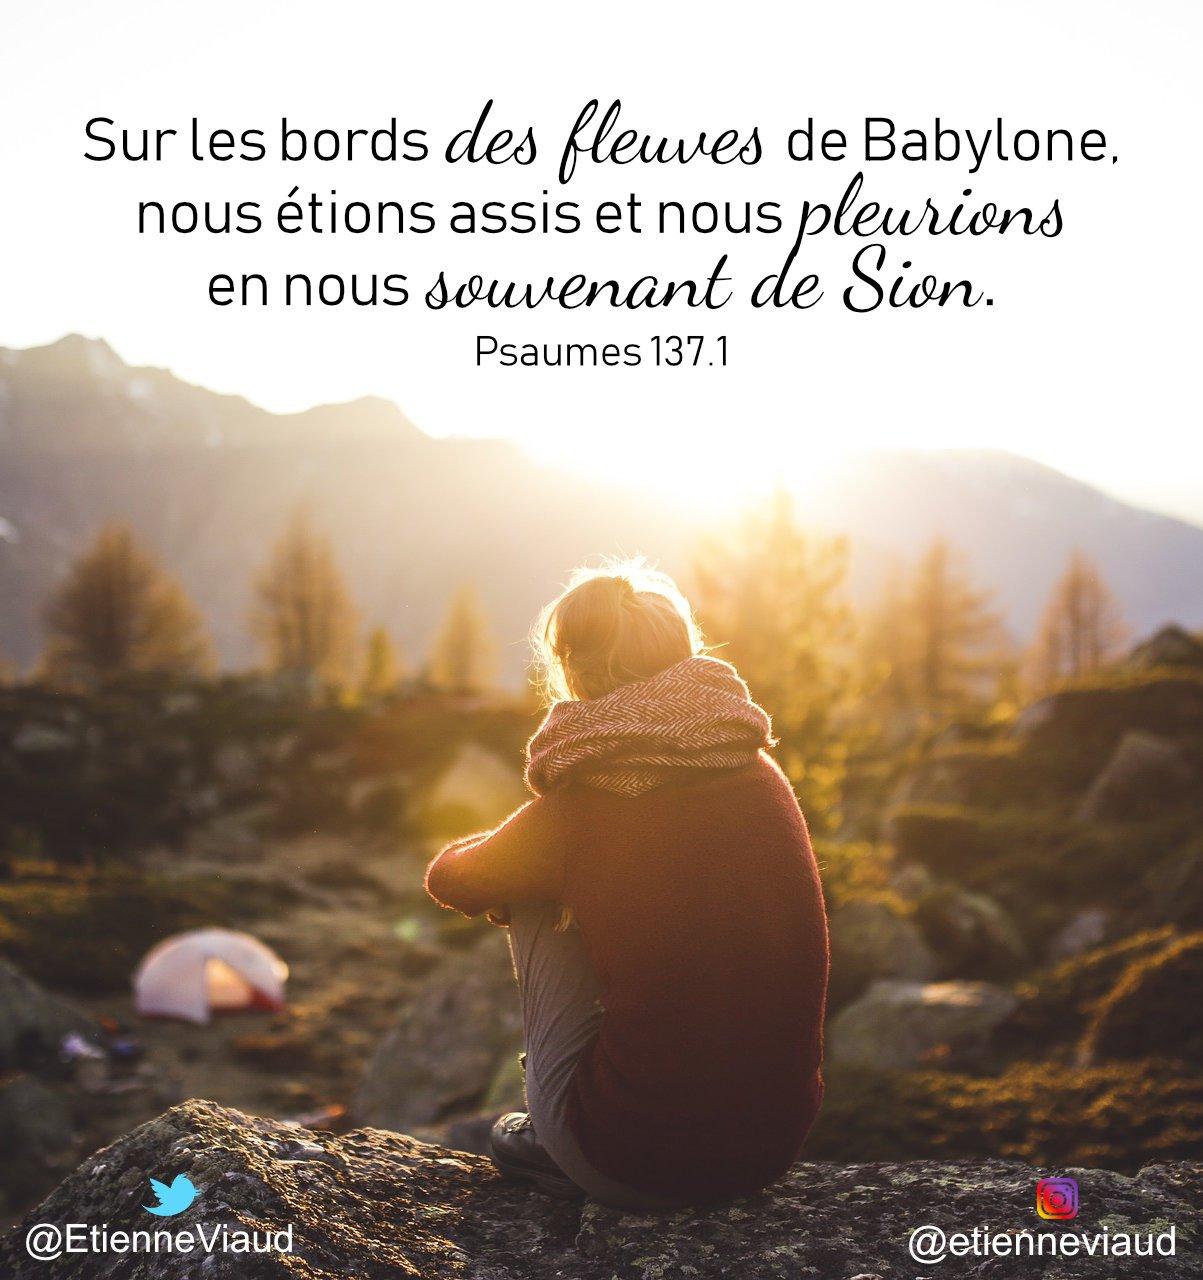 """𝑬𝒕𝒊𝒆𝒏𝒏𝒆 🕊 on Twitter: """"Sur les bords des fleuves de Babylone, nous  étions assis et nous pleurions en nous souvenant de Sion. Psaumes 137.1  #versets #bible #Jésus #Dieu #fleuves #pleurions #souvenant #Sion #"""